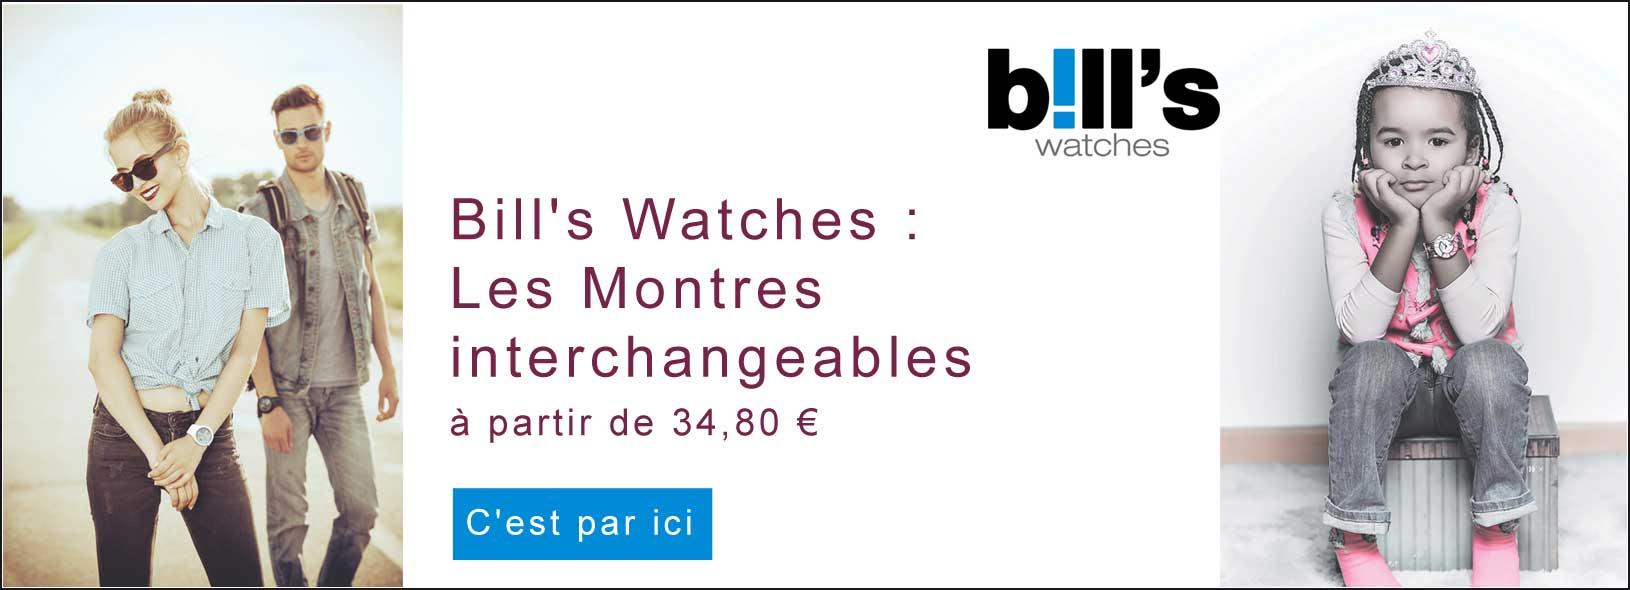 bills watches